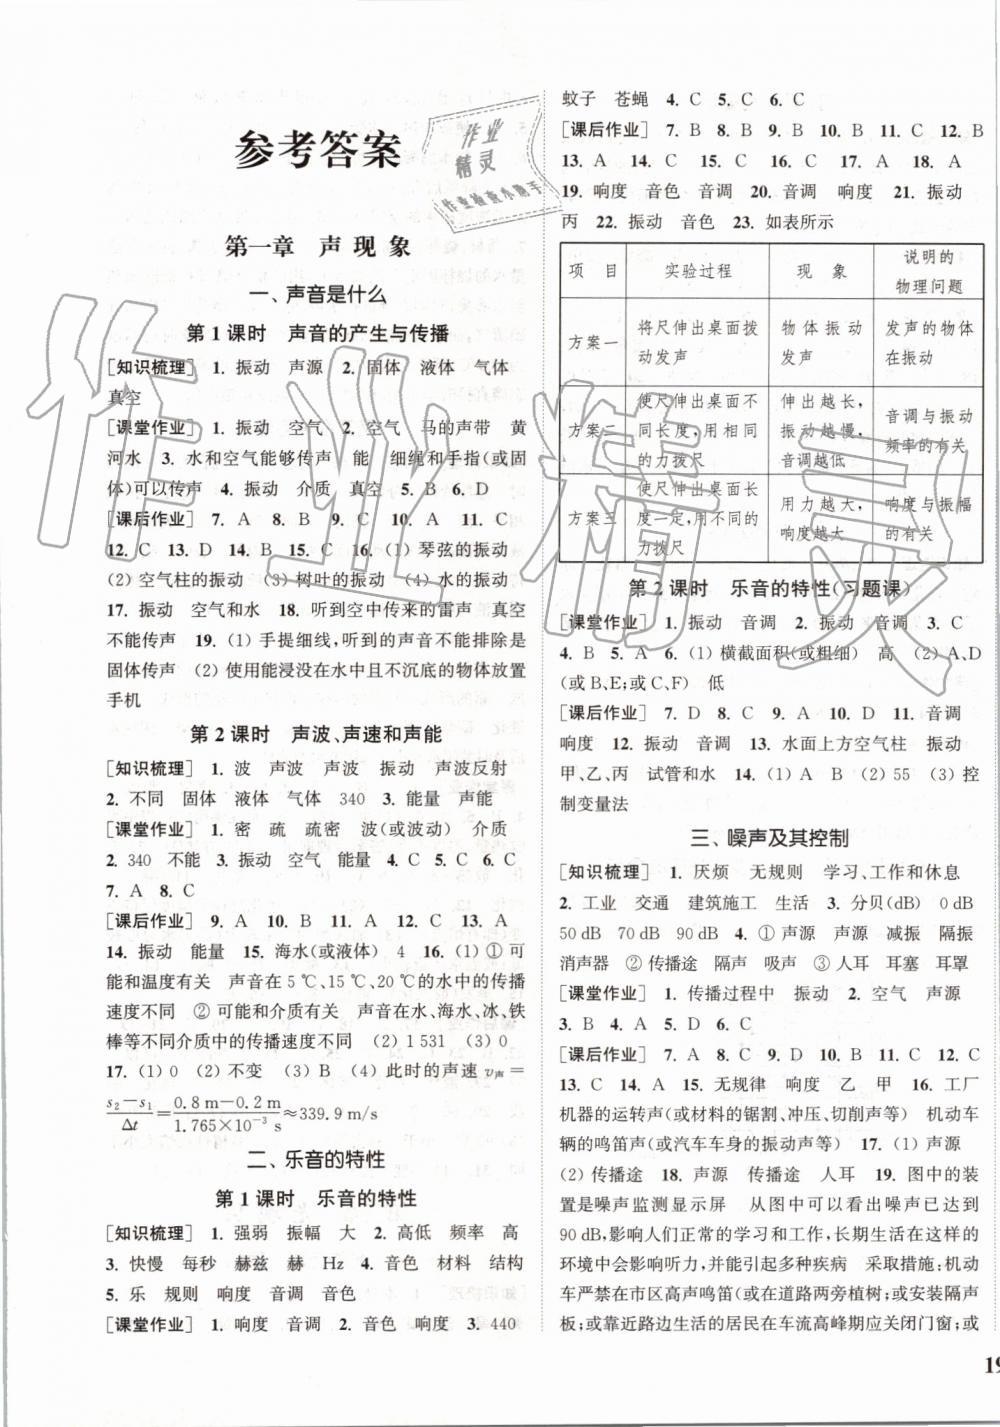 2019年通城学典课时作业本八年级物理上册苏科版江苏专用?第1页